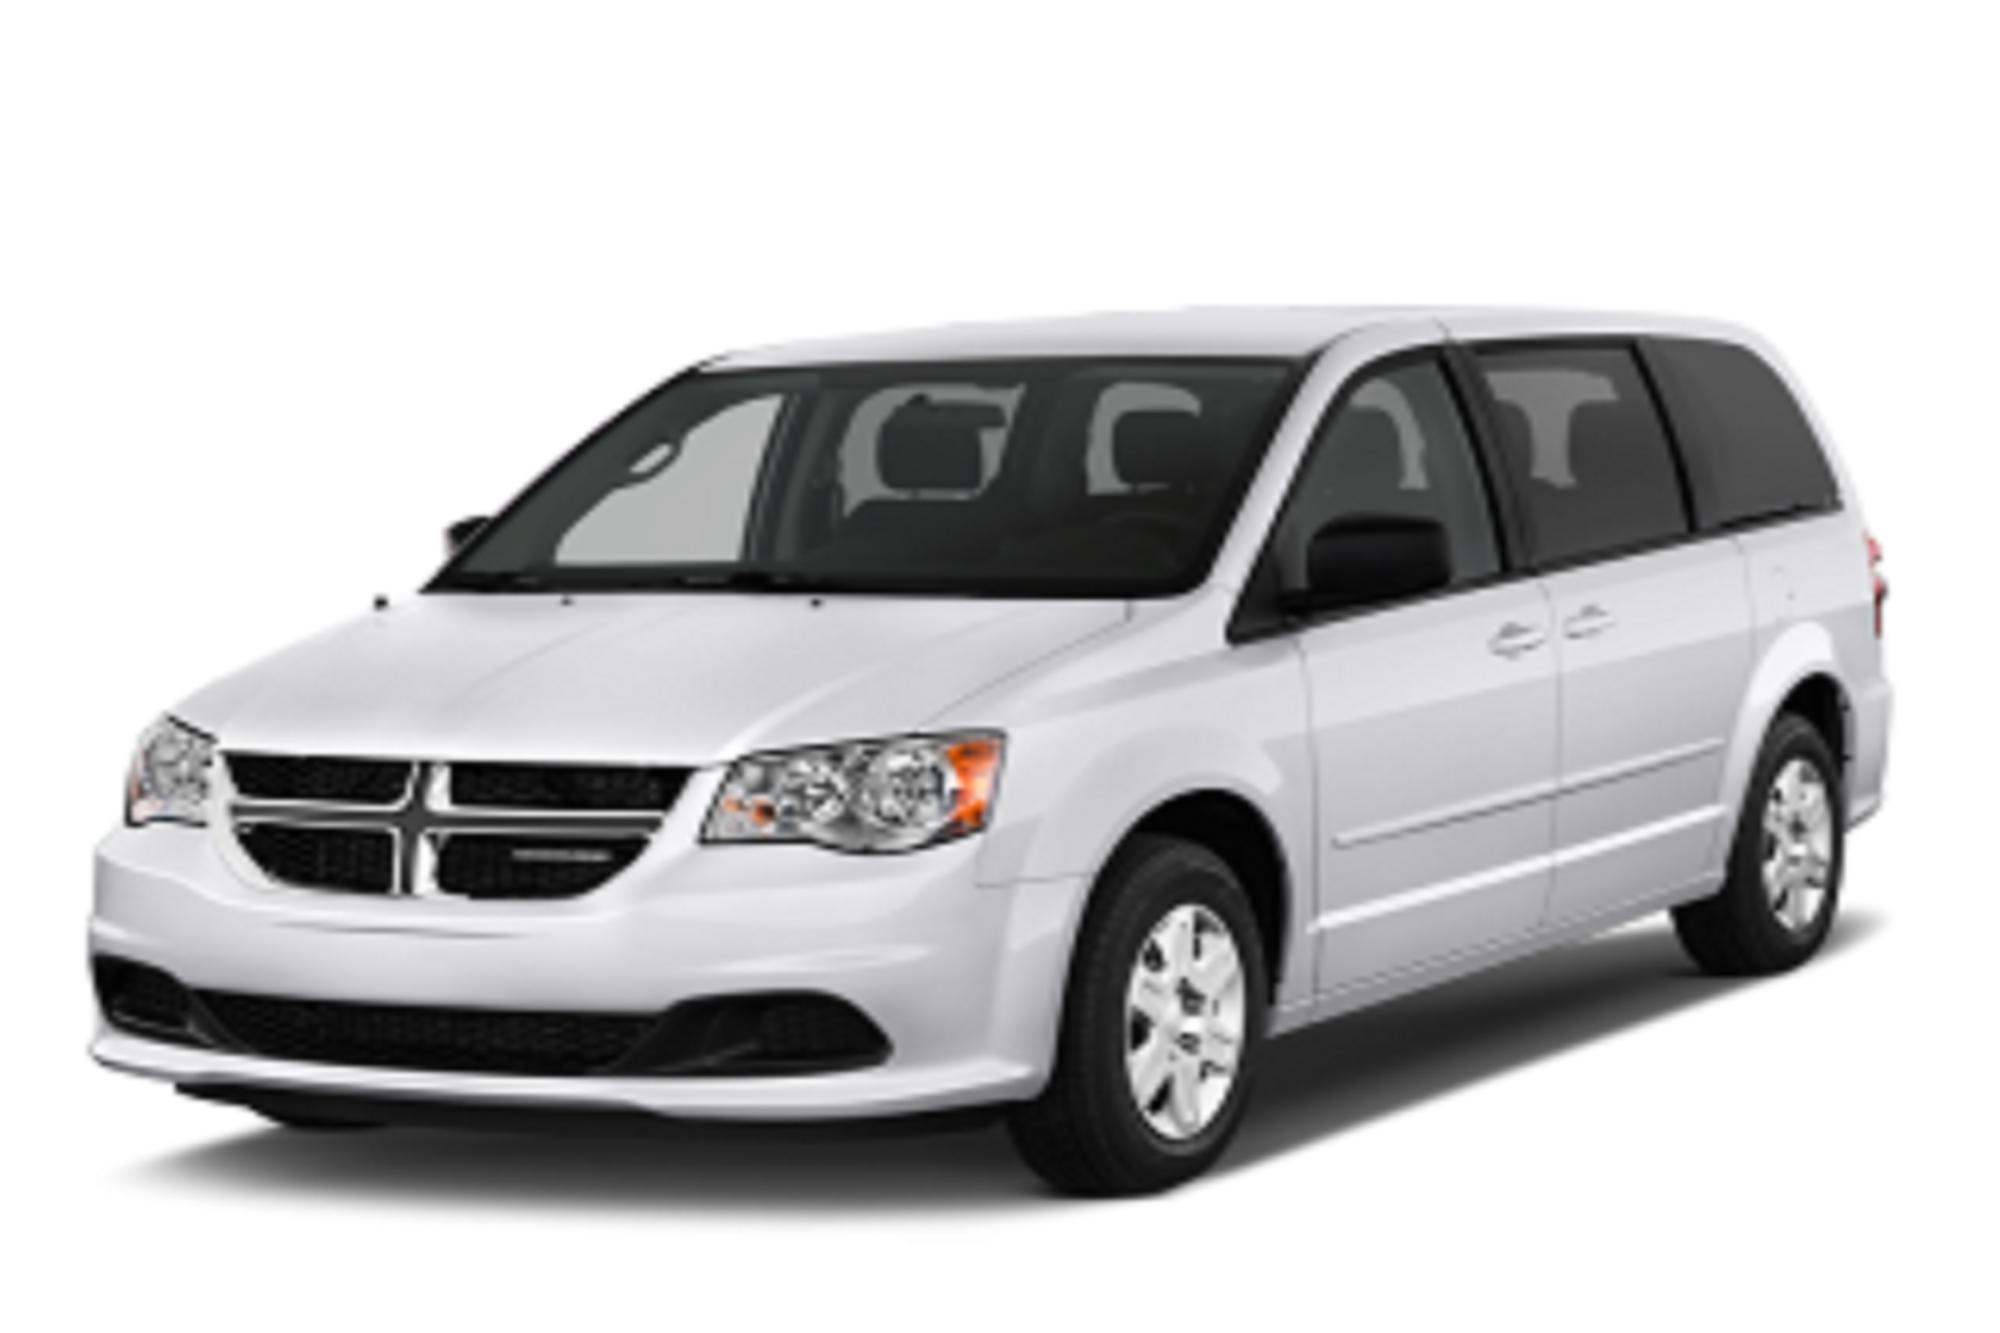 7 seater minivan